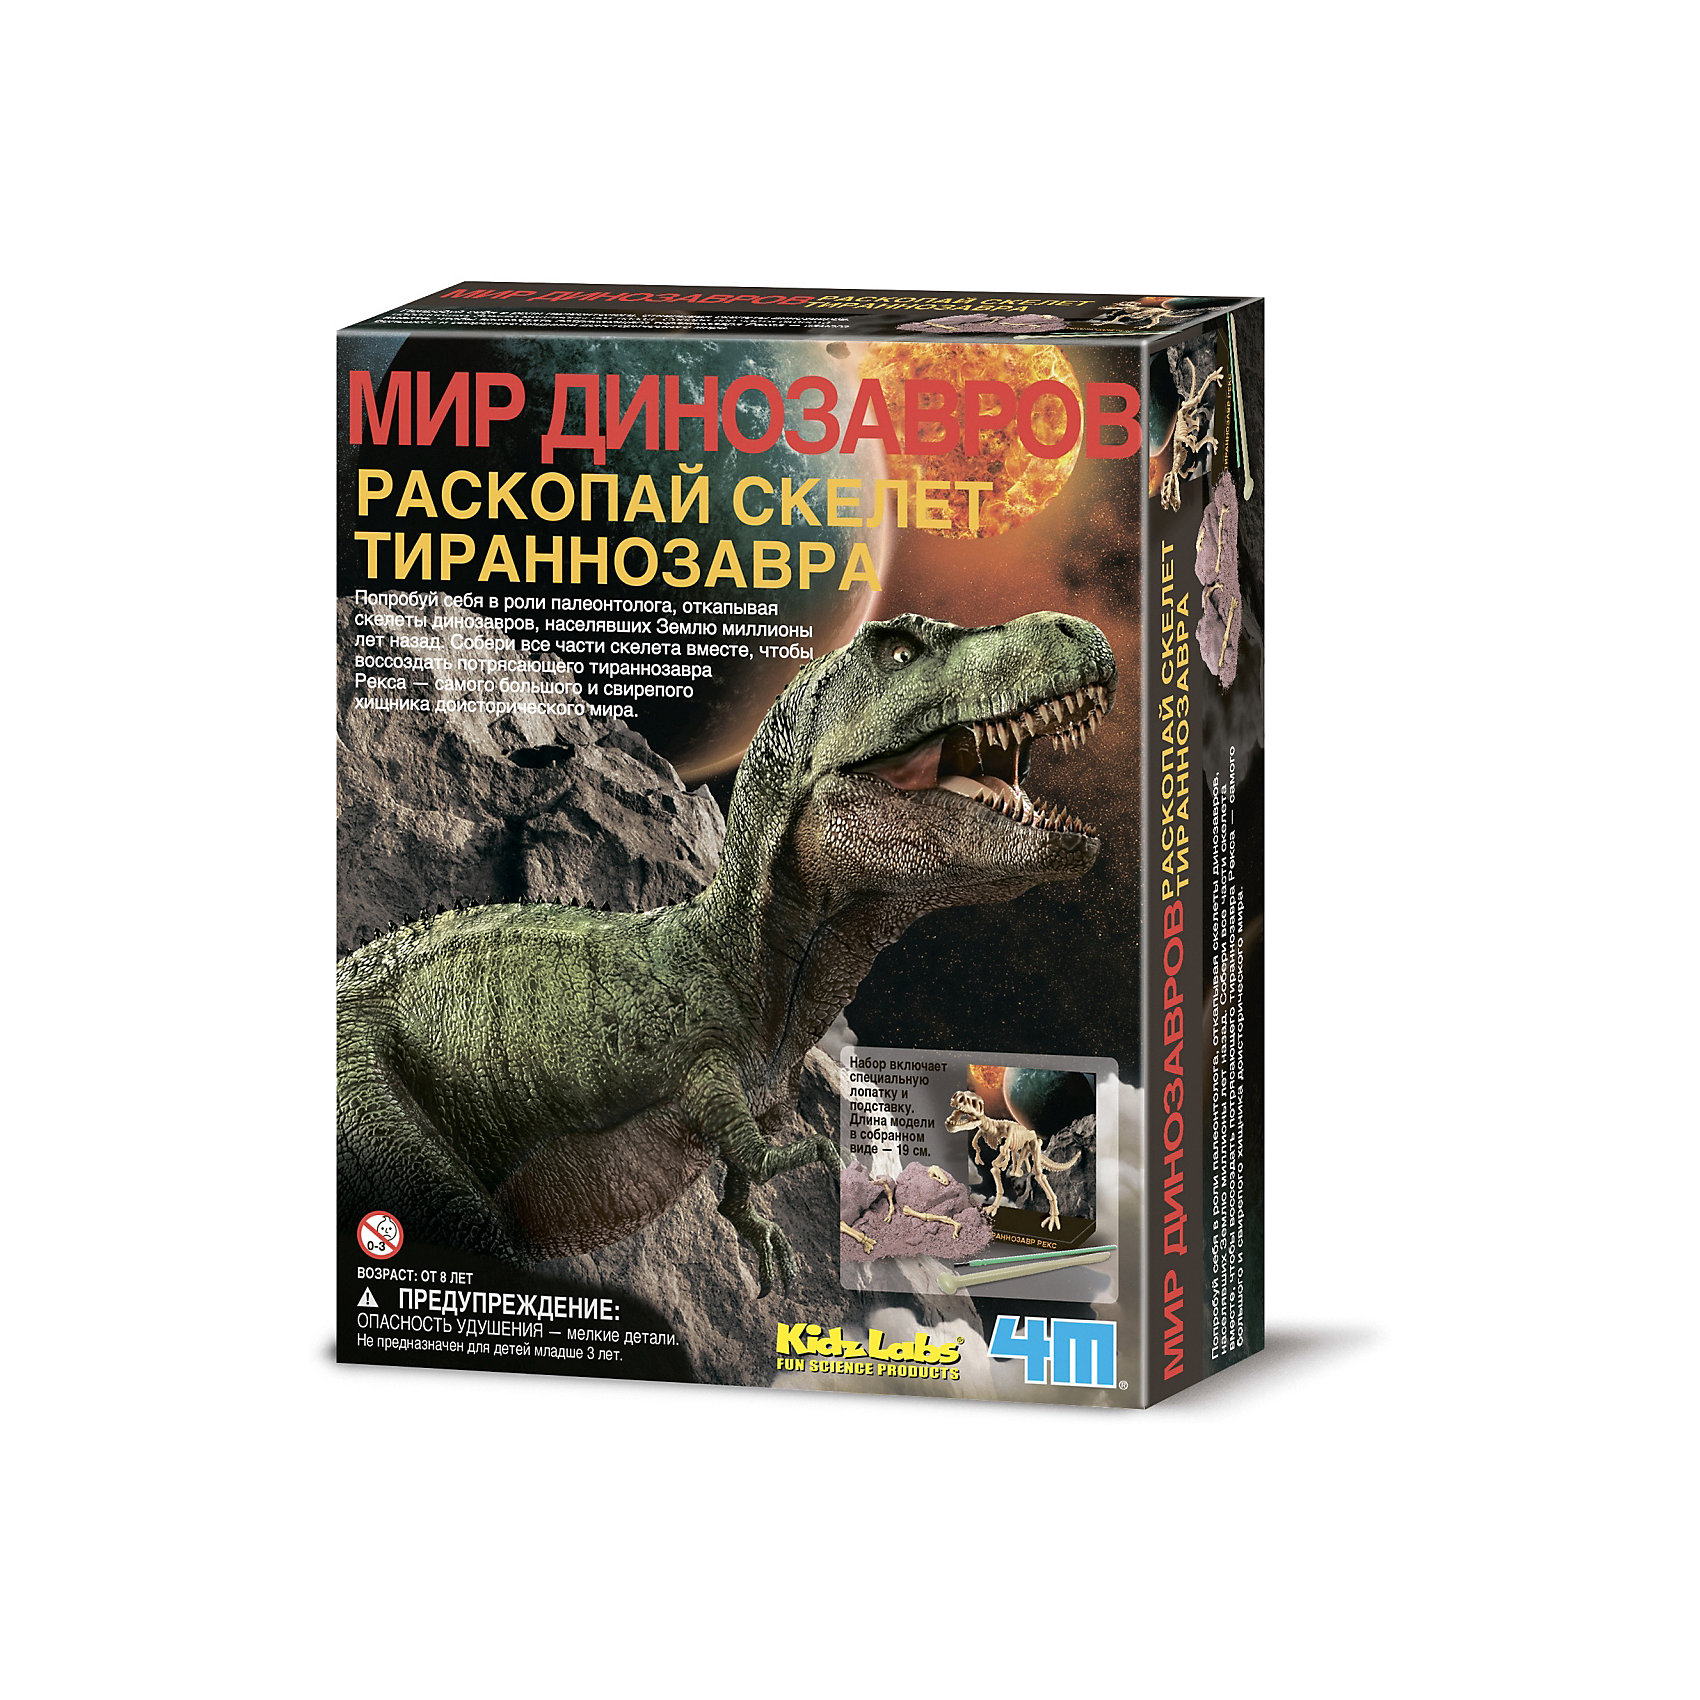 Скелет Тираннозавра, 4МНаборы для раскопок<br>С помощью набора Скелет Тираннозавра, 4М Ваш ребенок может самостоятельно провести раскопки и отыскать кости Тираннозавра Рекса. Специальными археологическими инструментами (молоточком, скребком и кисточкой) нужно аккуратно расчистить гипсовый брикет красно-бурого цвета, имитирующий слой земли, освобождая косточку за косточкой. Когда работа на этом этапе подойдет к концу, начнется увлекательная сборка скелета – в соответствии с наглядной инструкцией ребенок соединяет кости с помощью мягкого воска. Самостоятельно собранный тираннозавр станет отличным декором в комнате! <br><br>Характеристики:<br>-Развивает: мелкую моторику рук, фантазию, воображение, сообразительность, любознательность, усидчивость<br>-Расширенные возможности серии: можно собрать коллекцию скелетов динозавров<br>-В процессе раскопки костей и сборки ребенок знакомится со строением скелета динозавра <br>-Собранная модель может являться наглядным пособием <br><br>Комплектация:<br>-кисточка<br>-скребок с молоточком<br>-мягкий воск<br>-брикет, имитирующий слой земли (11,5х9х4,5 см)<br>-кости динозавра <br>-инструкция <br><br>Дополнительная информация:<br>-Вес в упаковке: 500 г<br>-Размеры в упаковке: 215х165х60 мм<br>-Размеры собранного скелета: 190 мм<br>-Материал: гипс, пластмасса, бумага, воск<br><br>Дайте возможность ребенку почувствовать себя палеонтологом – подарите ему набор Скелет Тираннозавра для проведения настоящих раскопок и сборки скелета древнего ящера!<br><br>Скелет Тираннозавра, 4М можно купить в нашем магазине.<br><br>Ширина мм: 215<br>Глубина мм: 165<br>Высота мм: 60<br>Вес г: 500<br>Возраст от месяцев: 60<br>Возраст до месяцев: 168<br>Пол: Унисекс<br>Возраст: Детский<br>SKU: 4043545